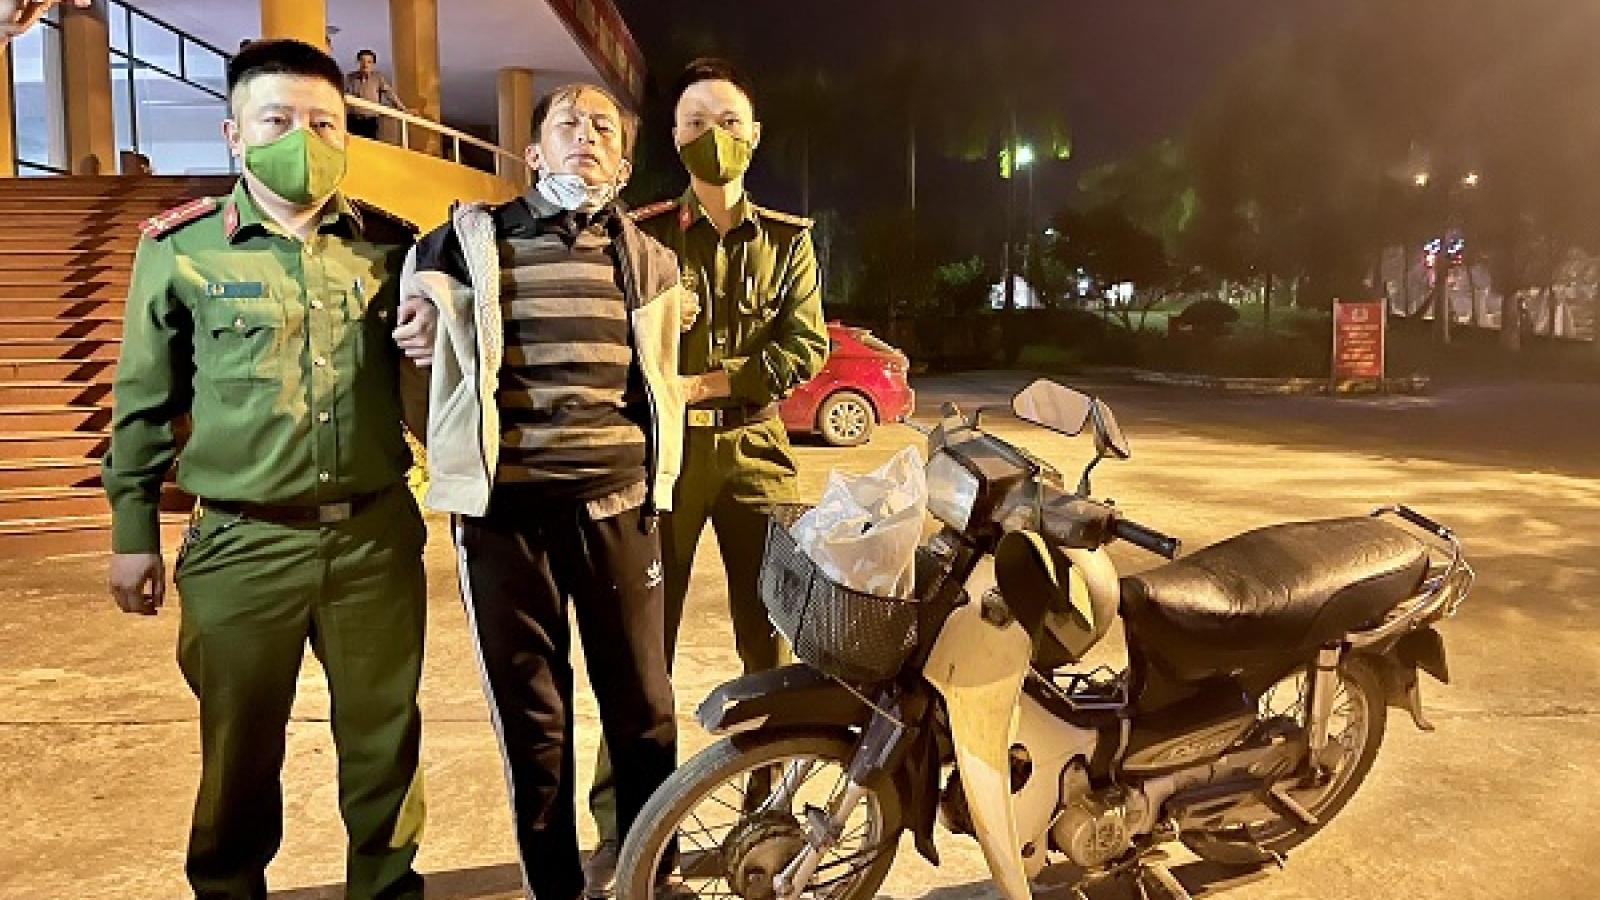 Nóng 24h: Đối tượng sát hại cả gia đình ở Bắc Giang khai gì?